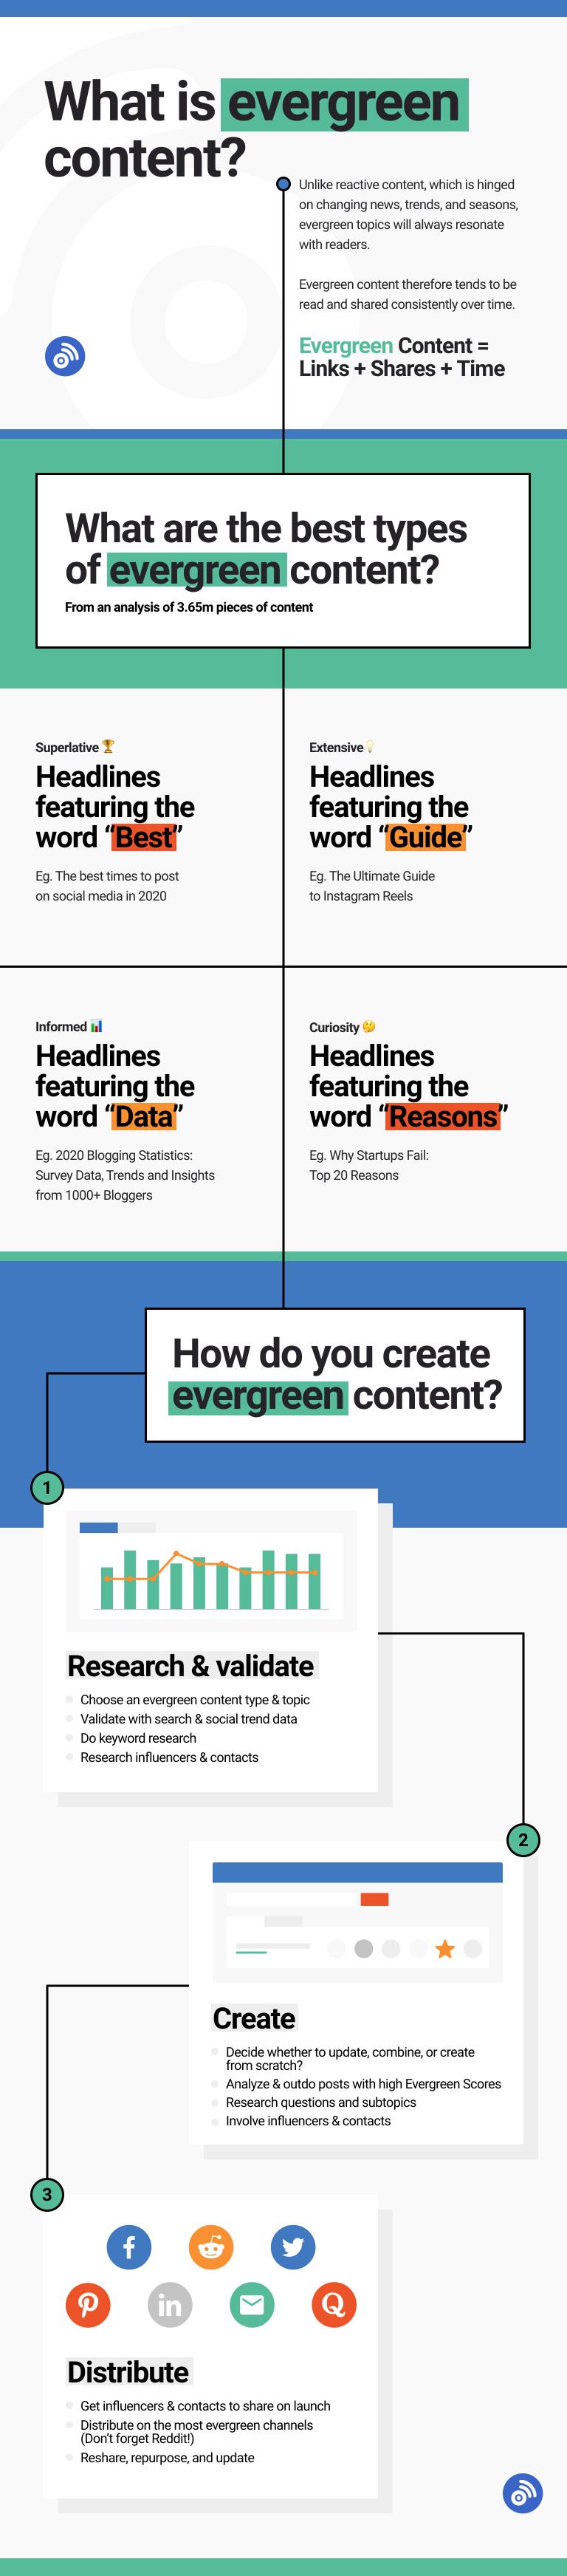 BuzzSumo evergreen content infographic